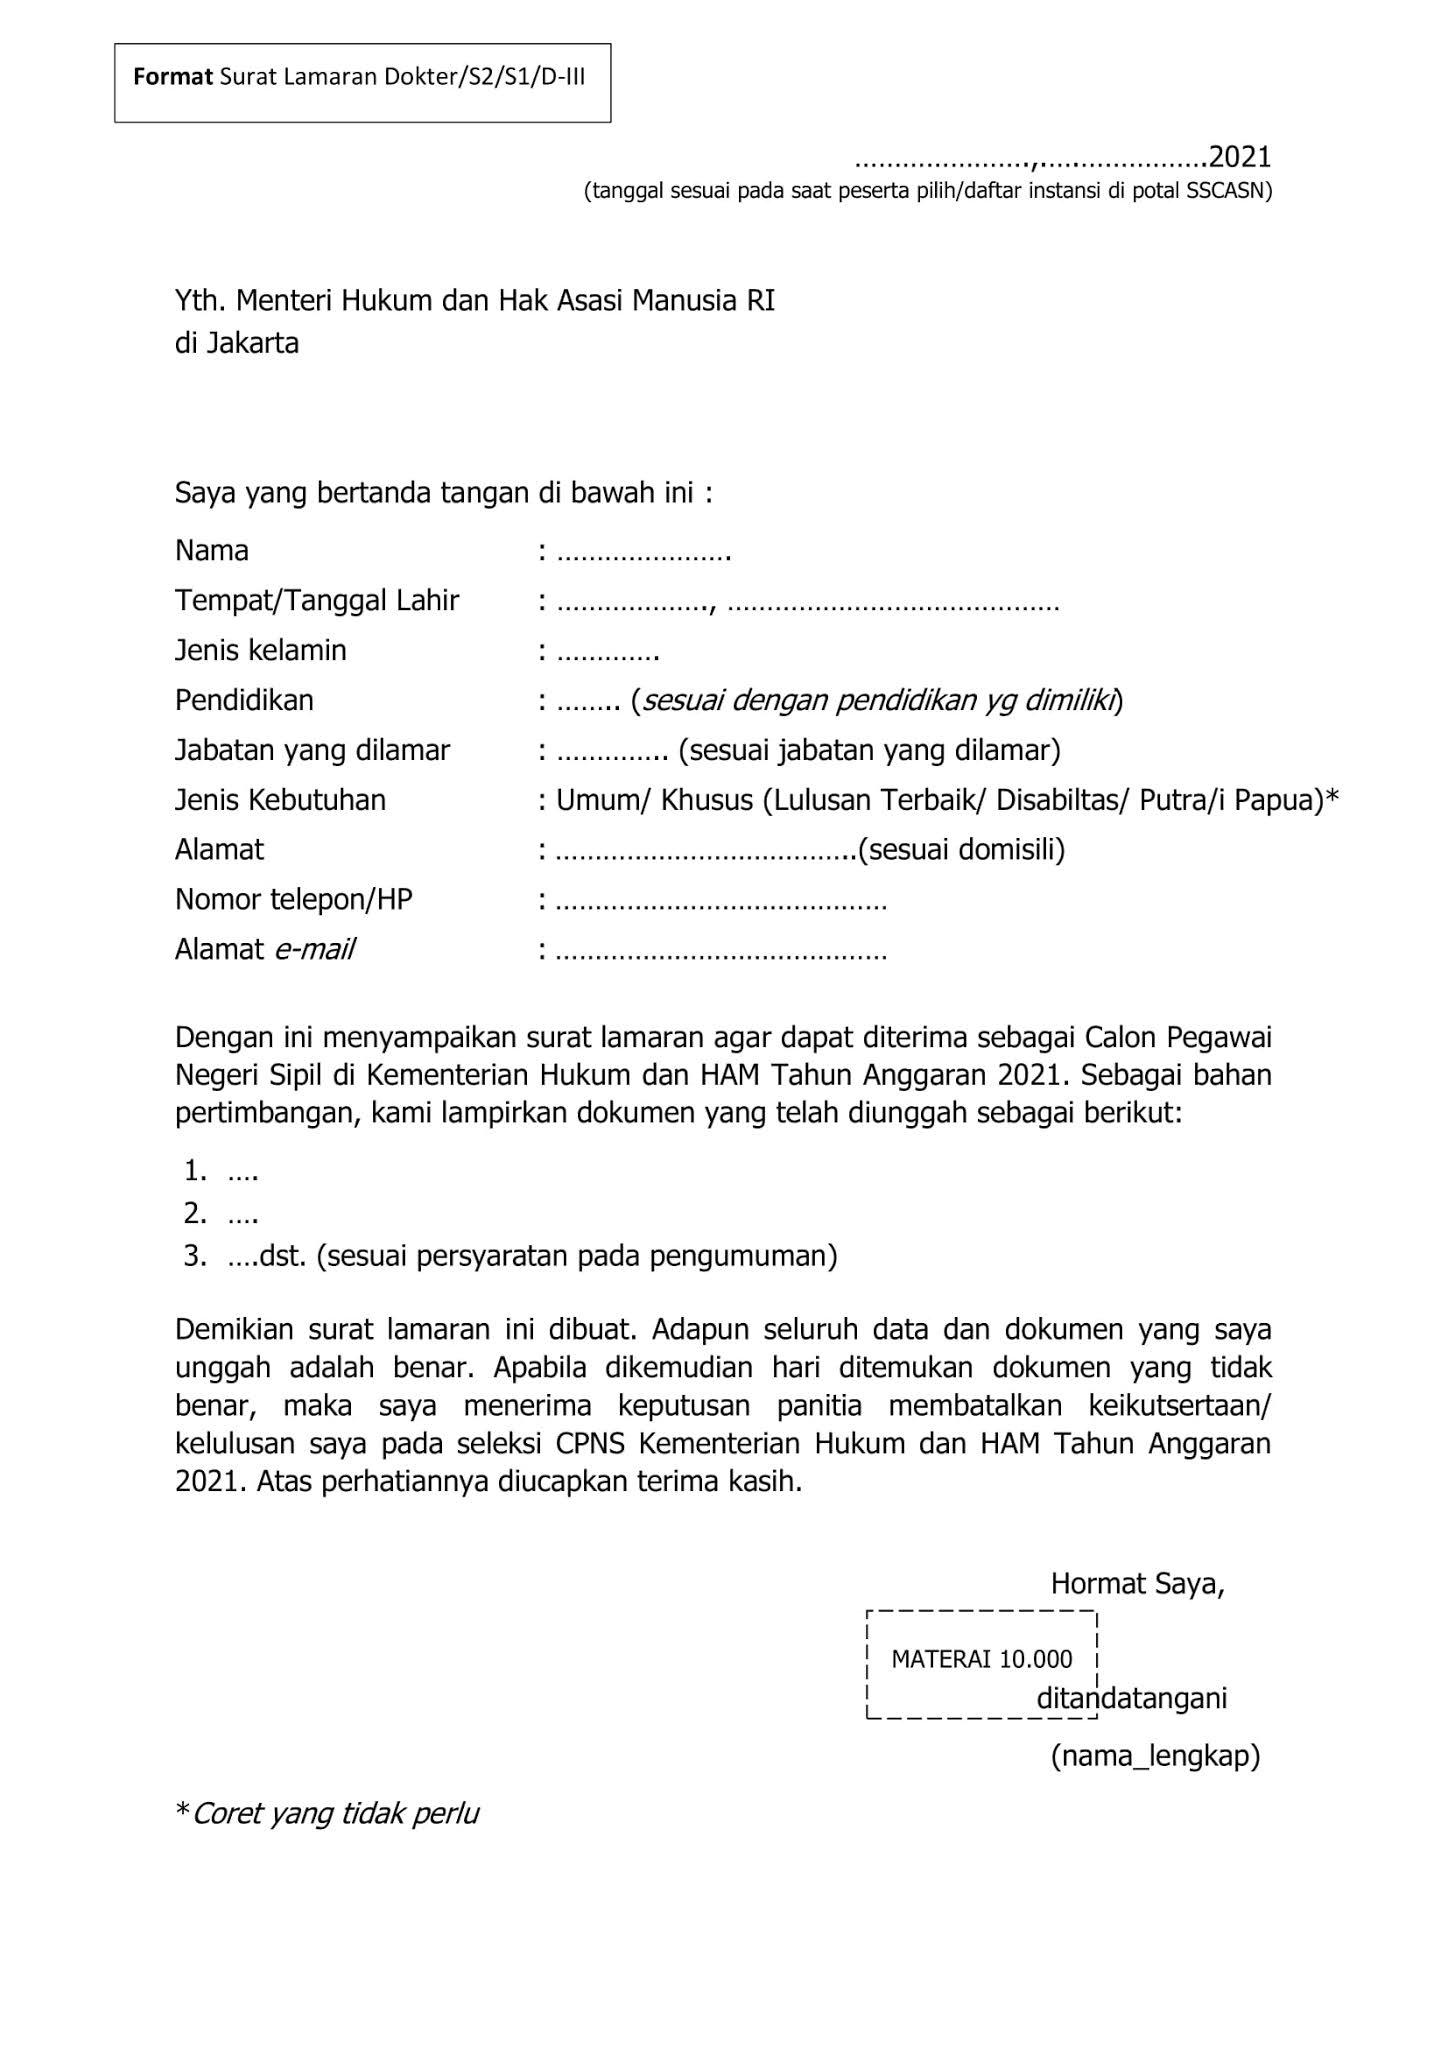 Contoh Surat lamaran CPNS Kementerian Hukum dan Hak Asasi Manusia Tahun 2021